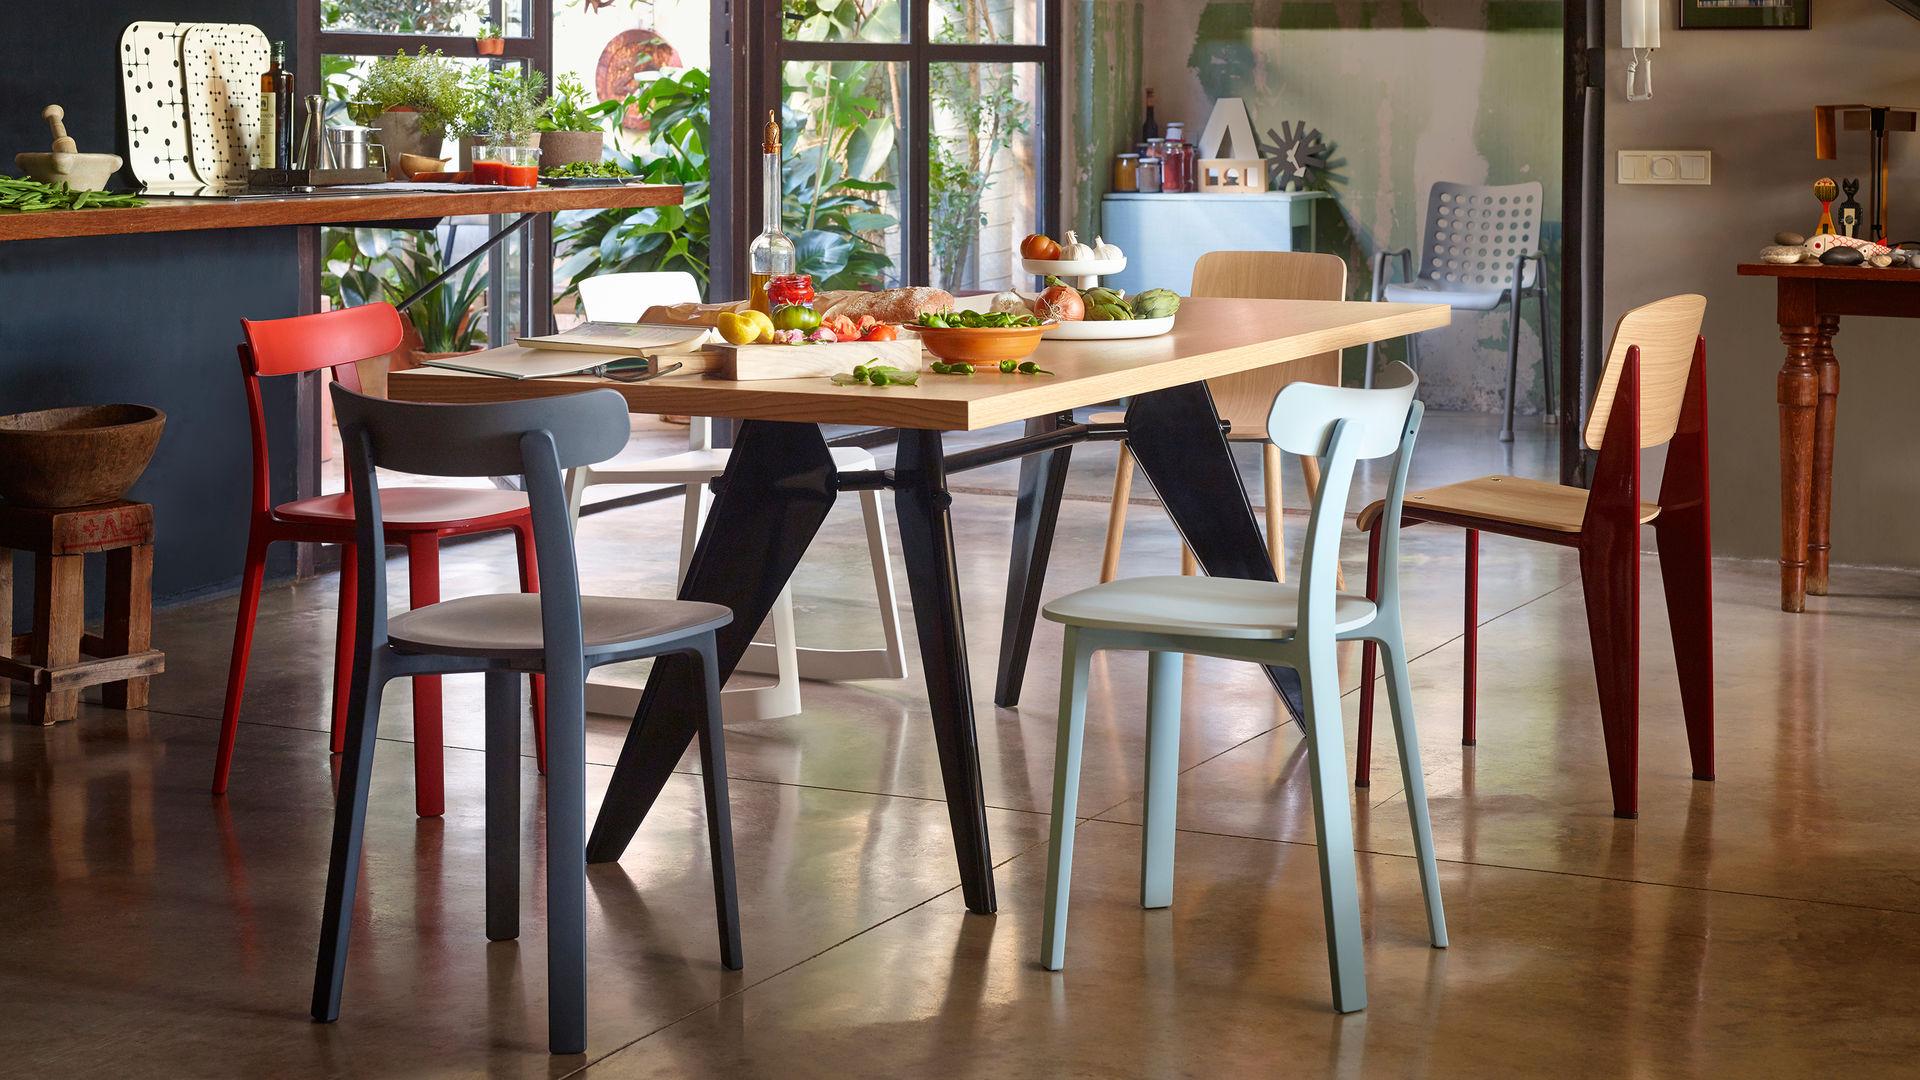 arredamento-interni-design-lusso-tavoli-lecce-brindisi-taranto